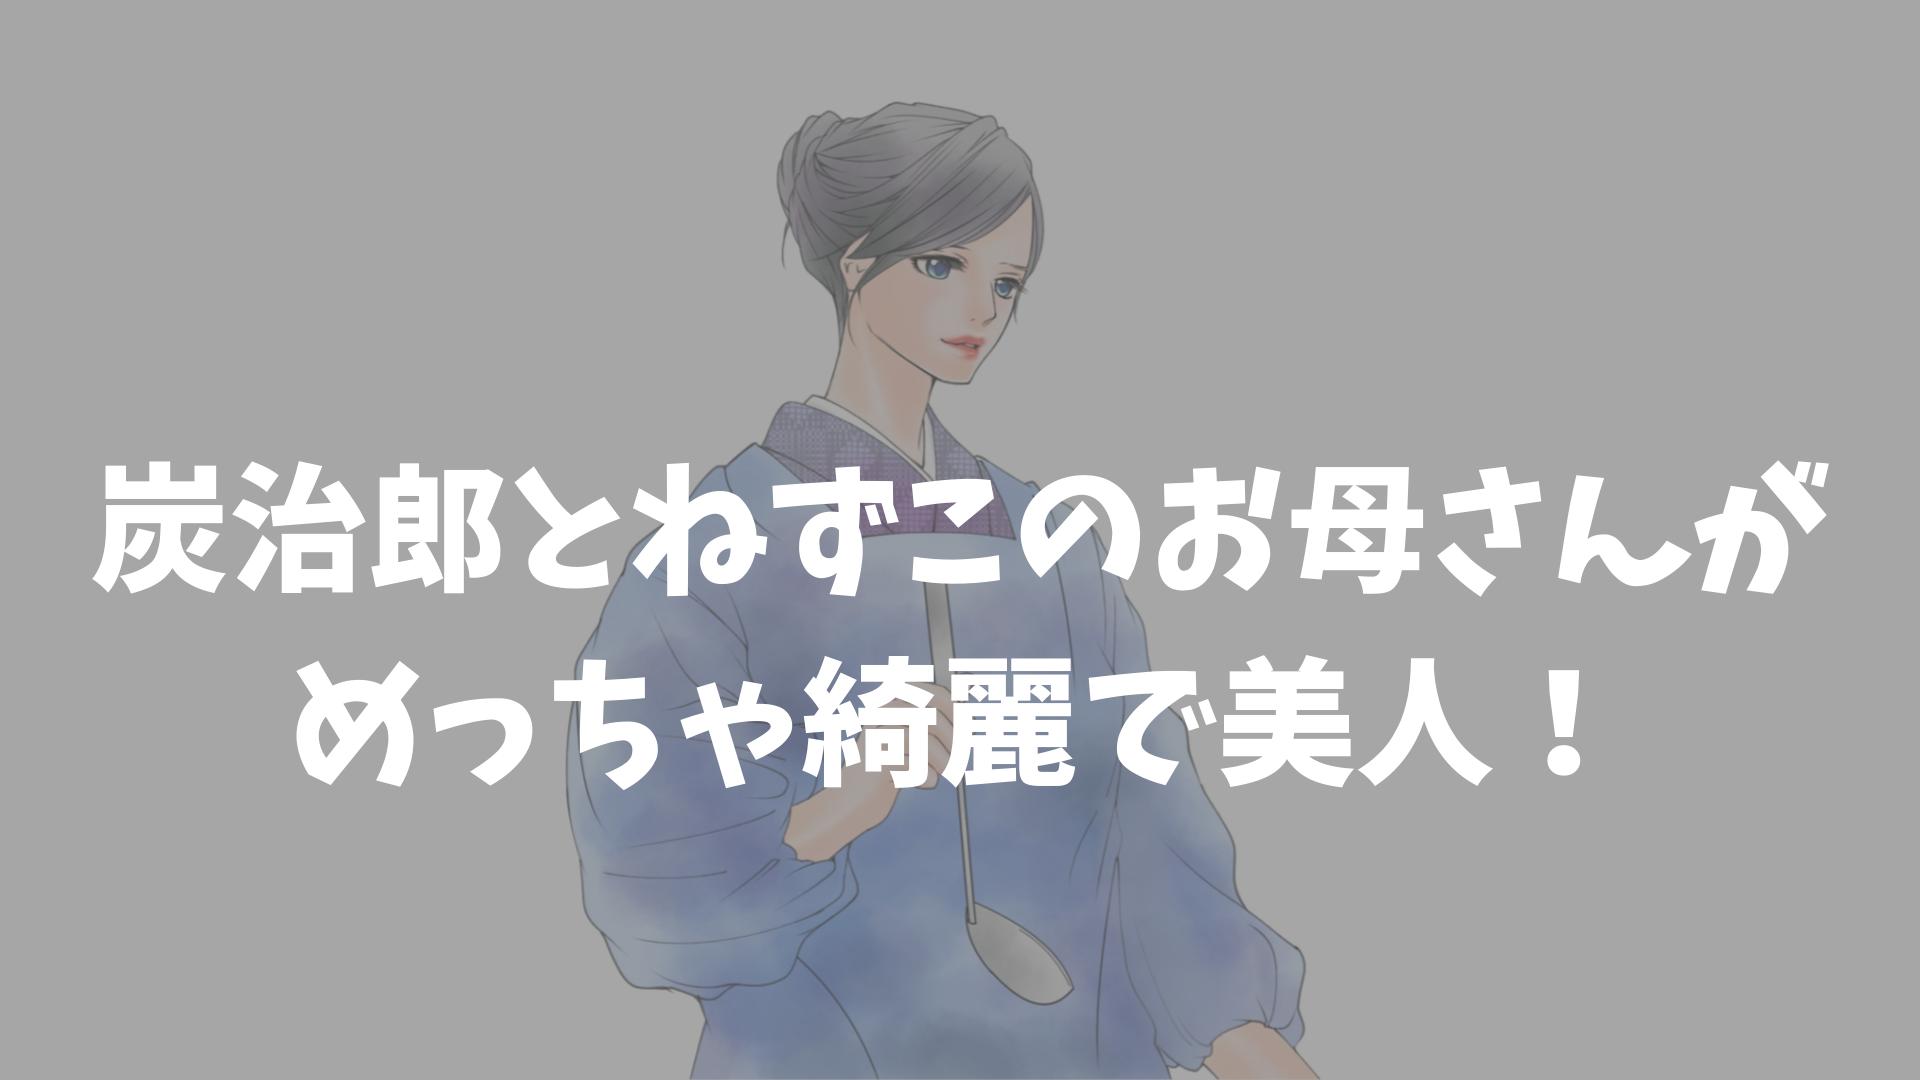 竈門葵枝のネットの評判とファンアートまとめアイキャッチ画像